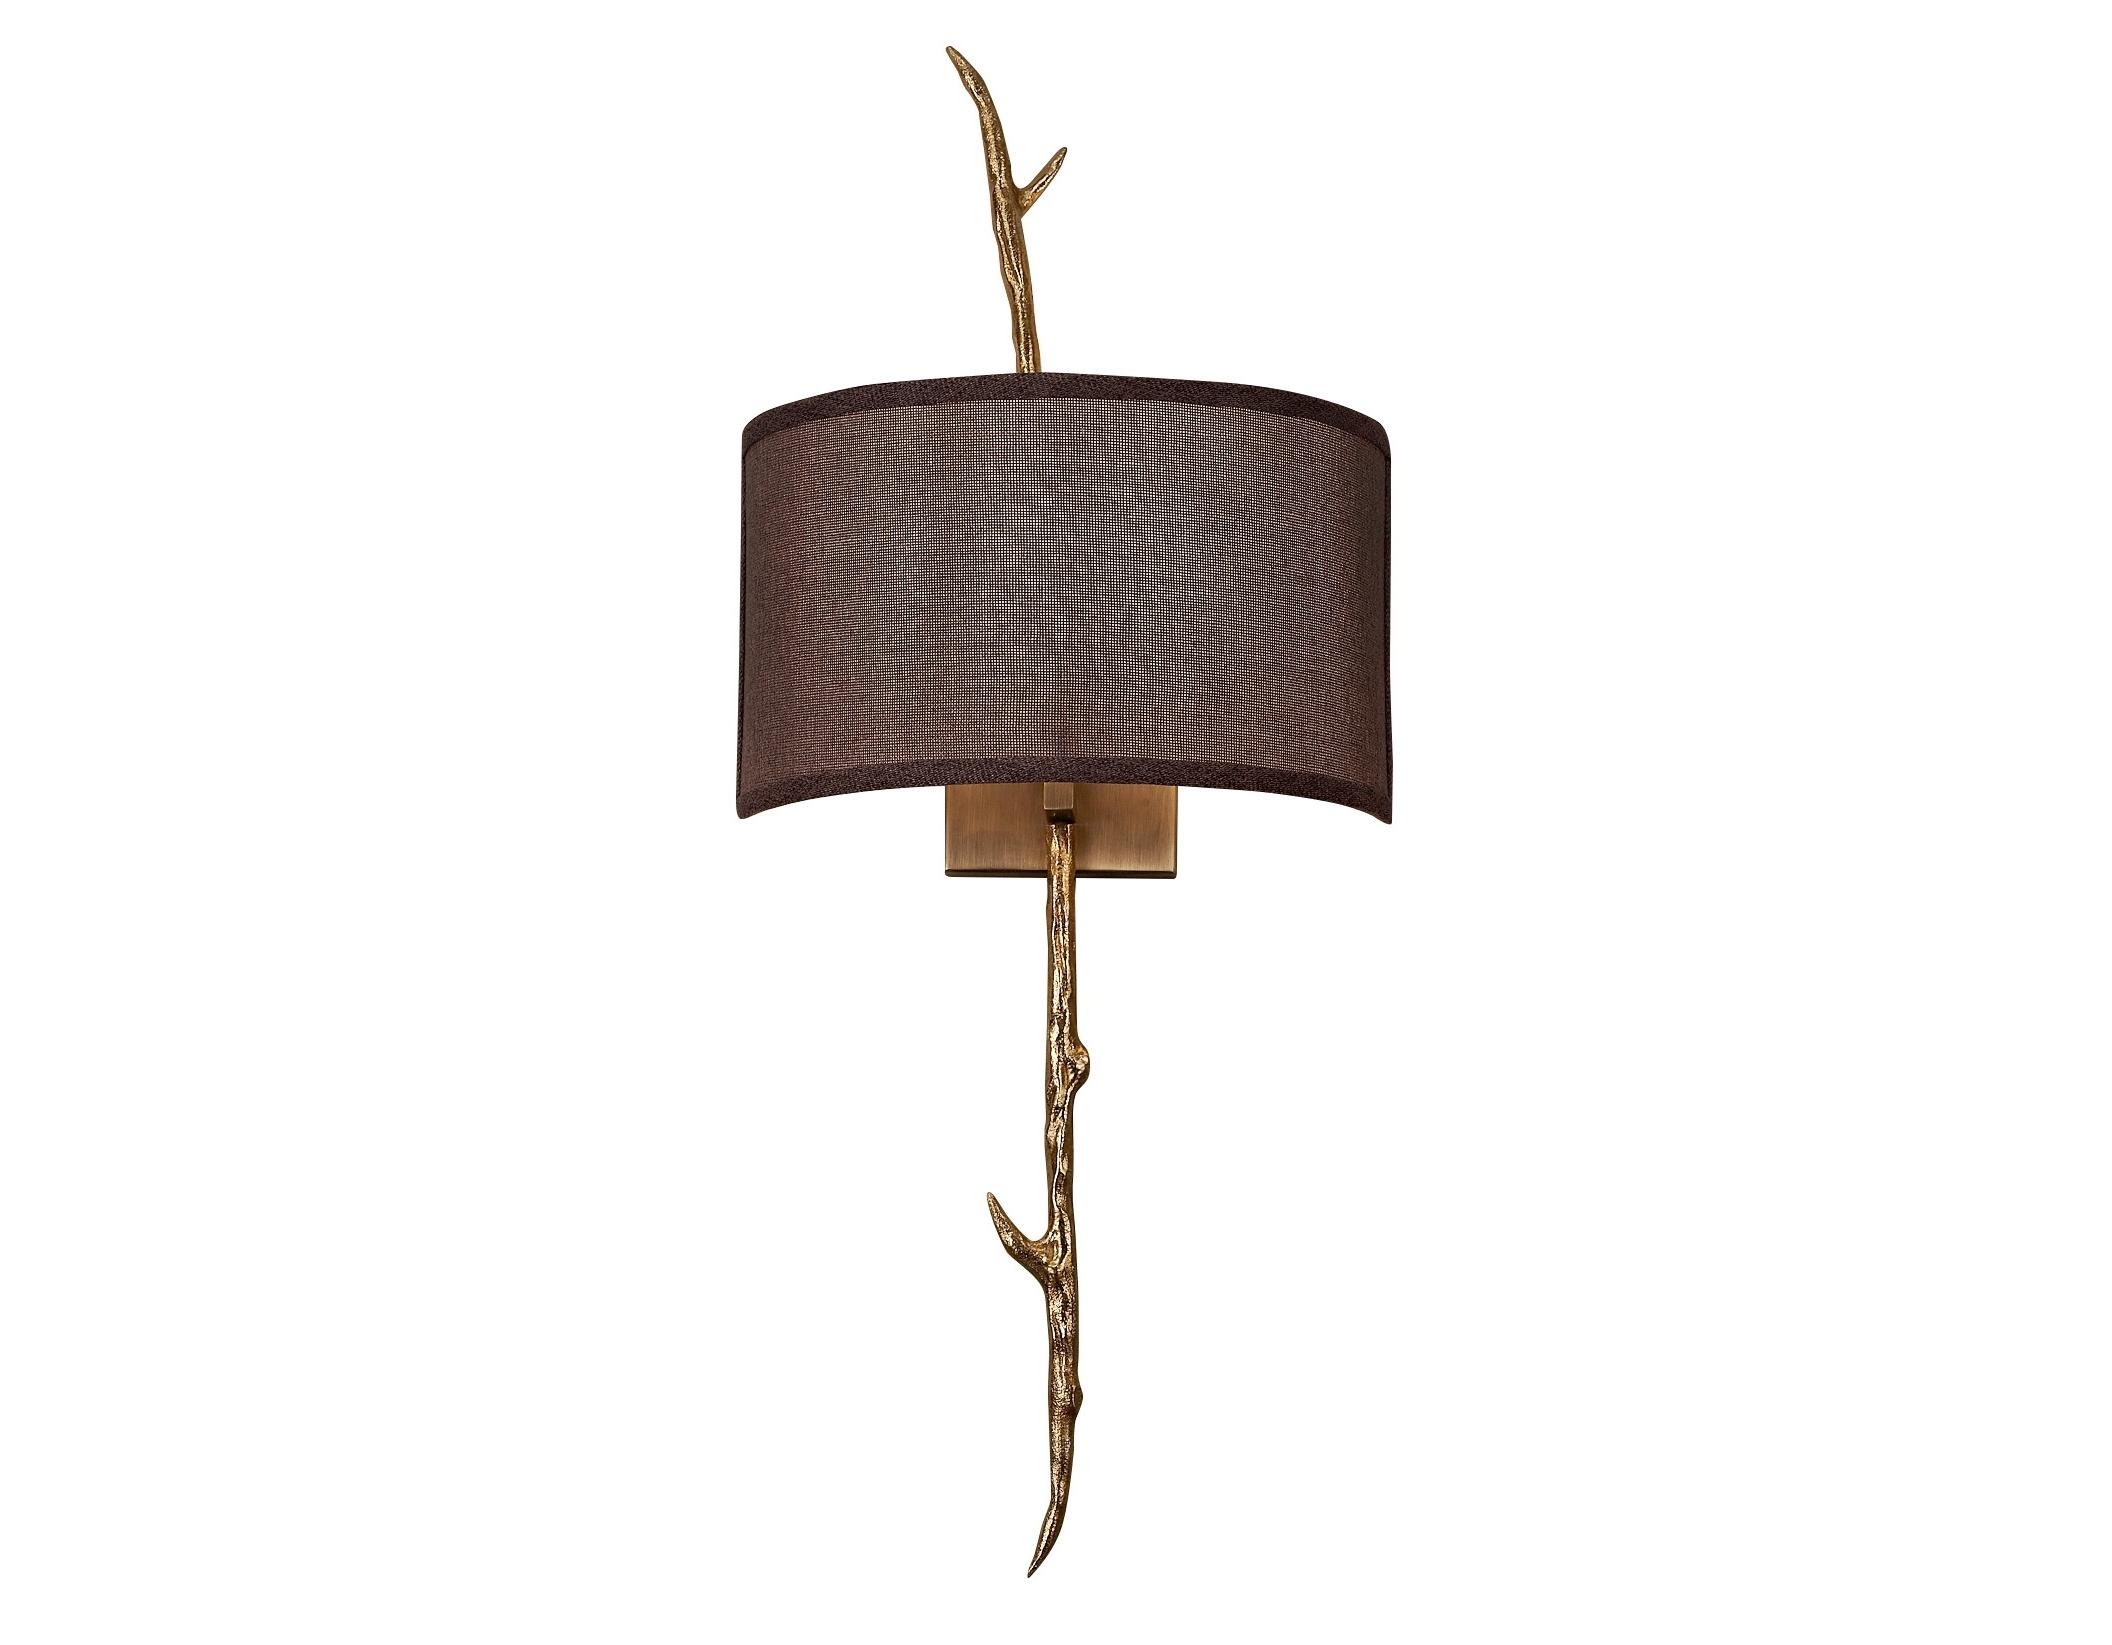 Светильник настенный FoggiaБра<br>&amp;lt;div&amp;gt;Бра настенное в виде веточки с листиками, цвета состаренного золота с коричневым тканевым абажуром. Хорошо подойдет для современного интерьера, оформленного в винтажном, эко, ар-деко, фьюжн, минимализм и лофт стилях. В любом интерьере оно будет ярким и стильным элементом декора.&amp;lt;/div&amp;gt;&amp;lt;div&amp;gt;&amp;lt;br&amp;gt;&amp;lt;/div&amp;gt;&amp;lt;div&amp;gt;&amp;lt;br&amp;gt;&amp;lt;/div&amp;gt;&amp;lt;div&amp;gt;Вид цоколя: E14&amp;lt;/div&amp;gt;&amp;lt;div&amp;gt;Мощность: 40W&amp;lt;/div&amp;gt;&amp;lt;div&amp;gt;Количество ламп: 1 (нет в комплекте)&amp;lt;/div&amp;gt;<br><br>Material: Металл<br>Ширина см: 30.0<br>Высота см: 71.0<br>Глубина см: 18.0